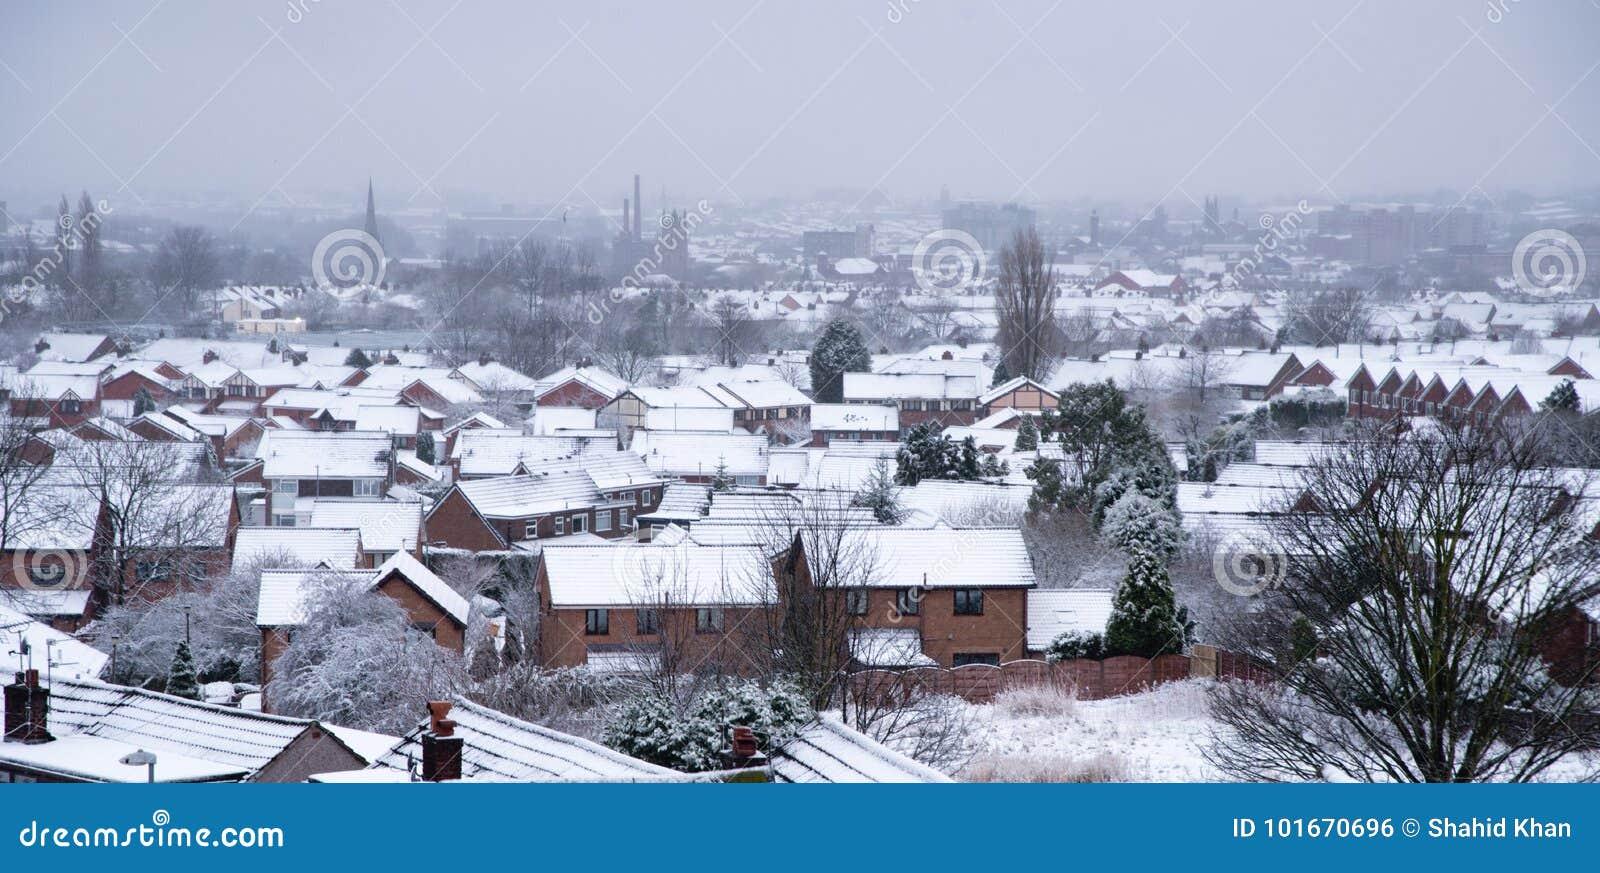 Wondrous Snowy Town Ashton Under Lyne Stock Photo Image Of Cottages Interior Design Ideas Skatsoteloinfo